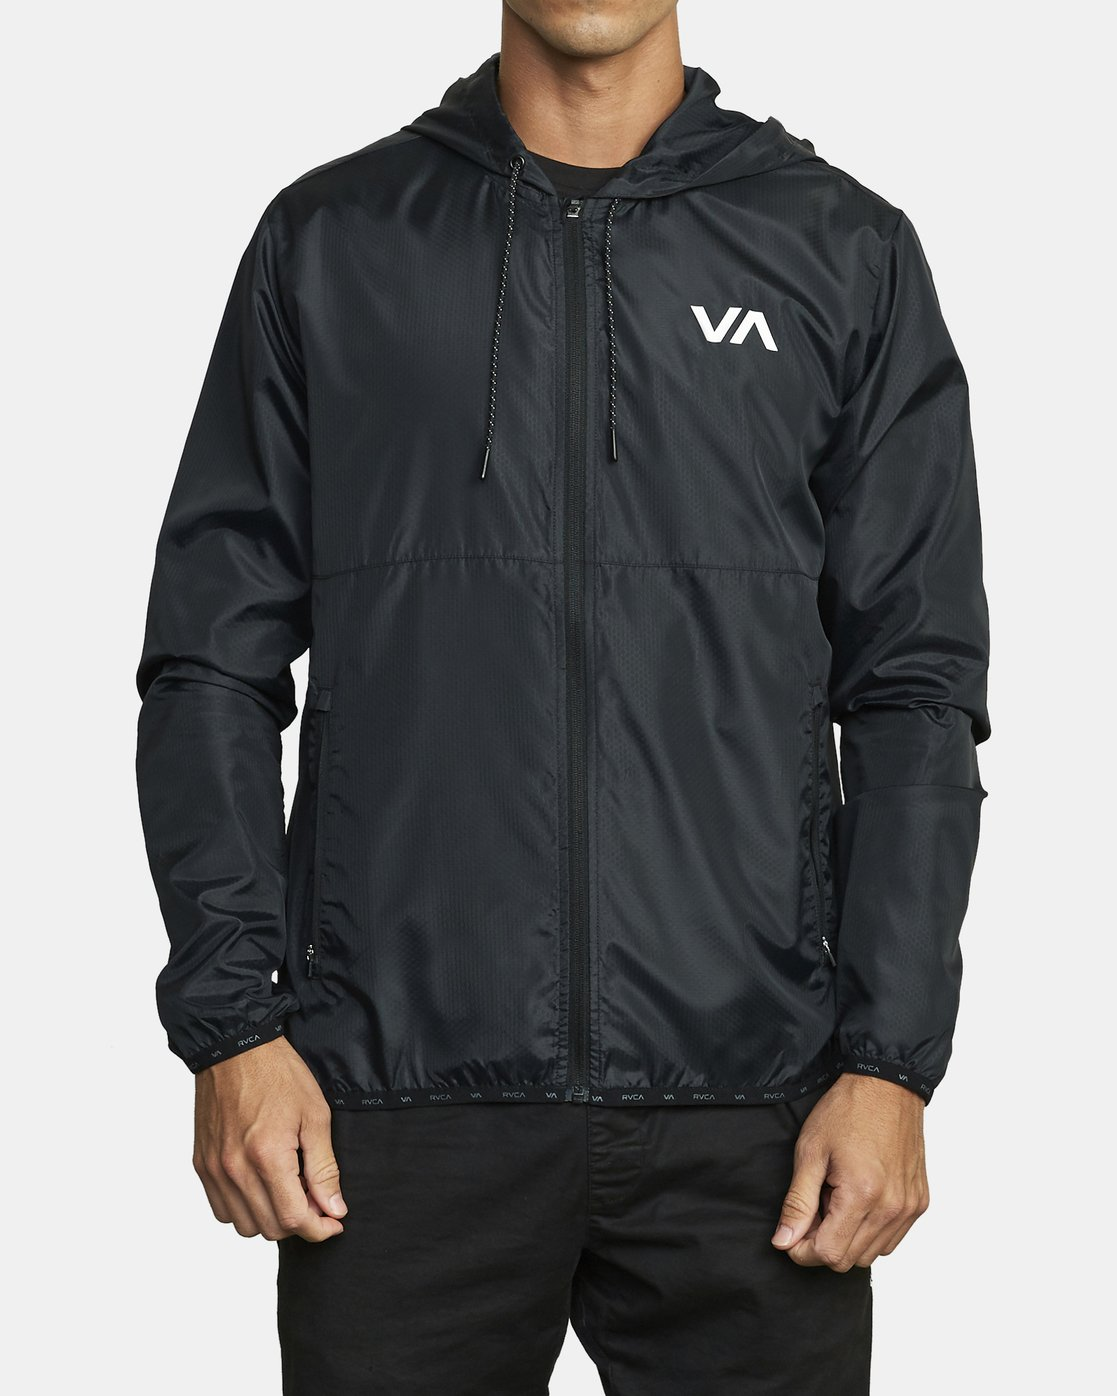 0 VA Sport Hexstop - Veste pour Homme Noir U4JKMCRVF0 RVCA